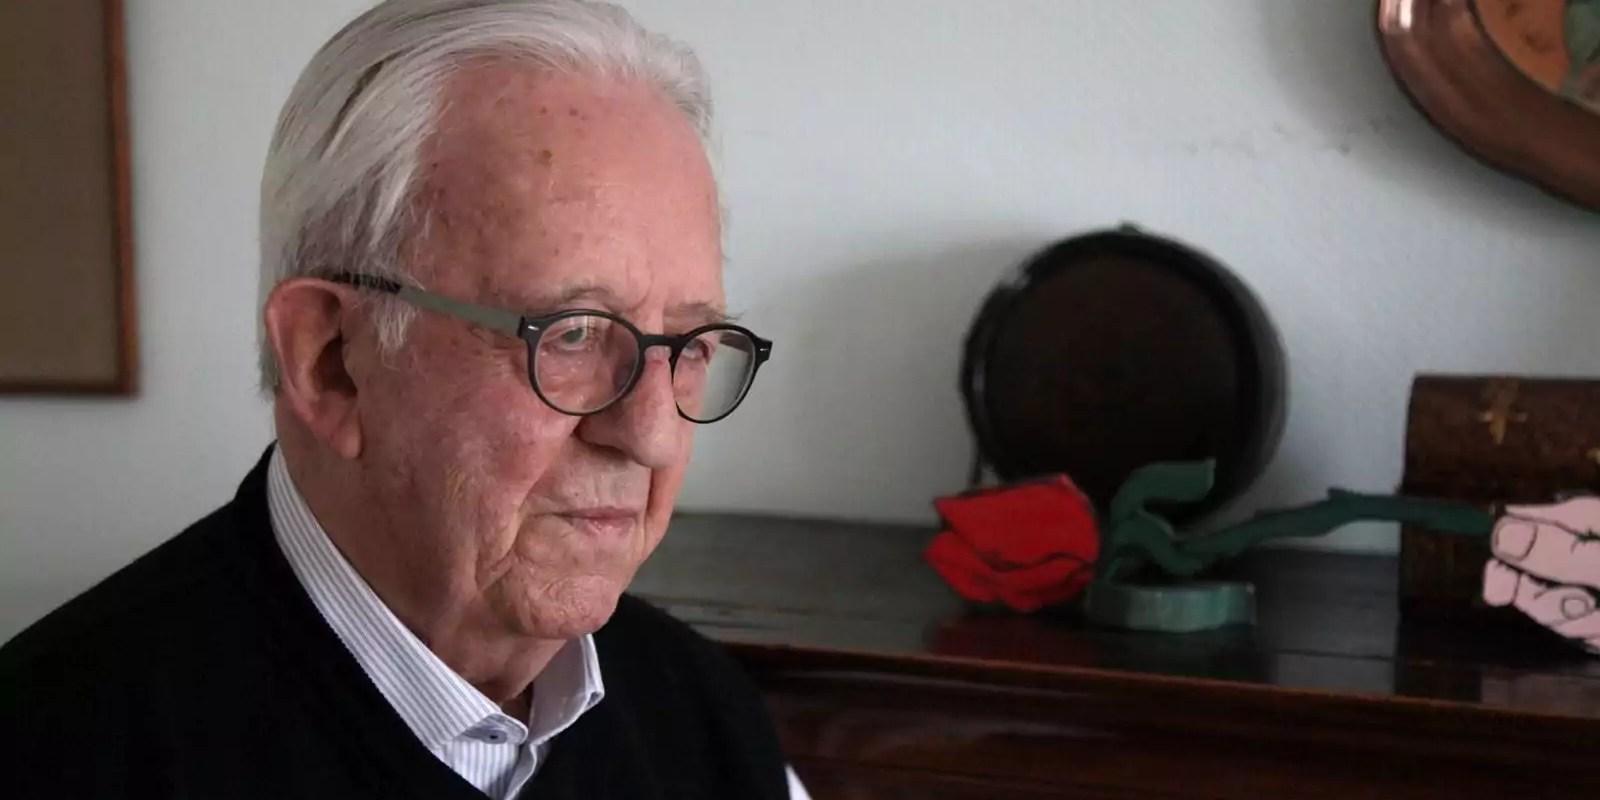 François, résistant-déporté, à gauche depuis la guerre, ne votera pas socialiste